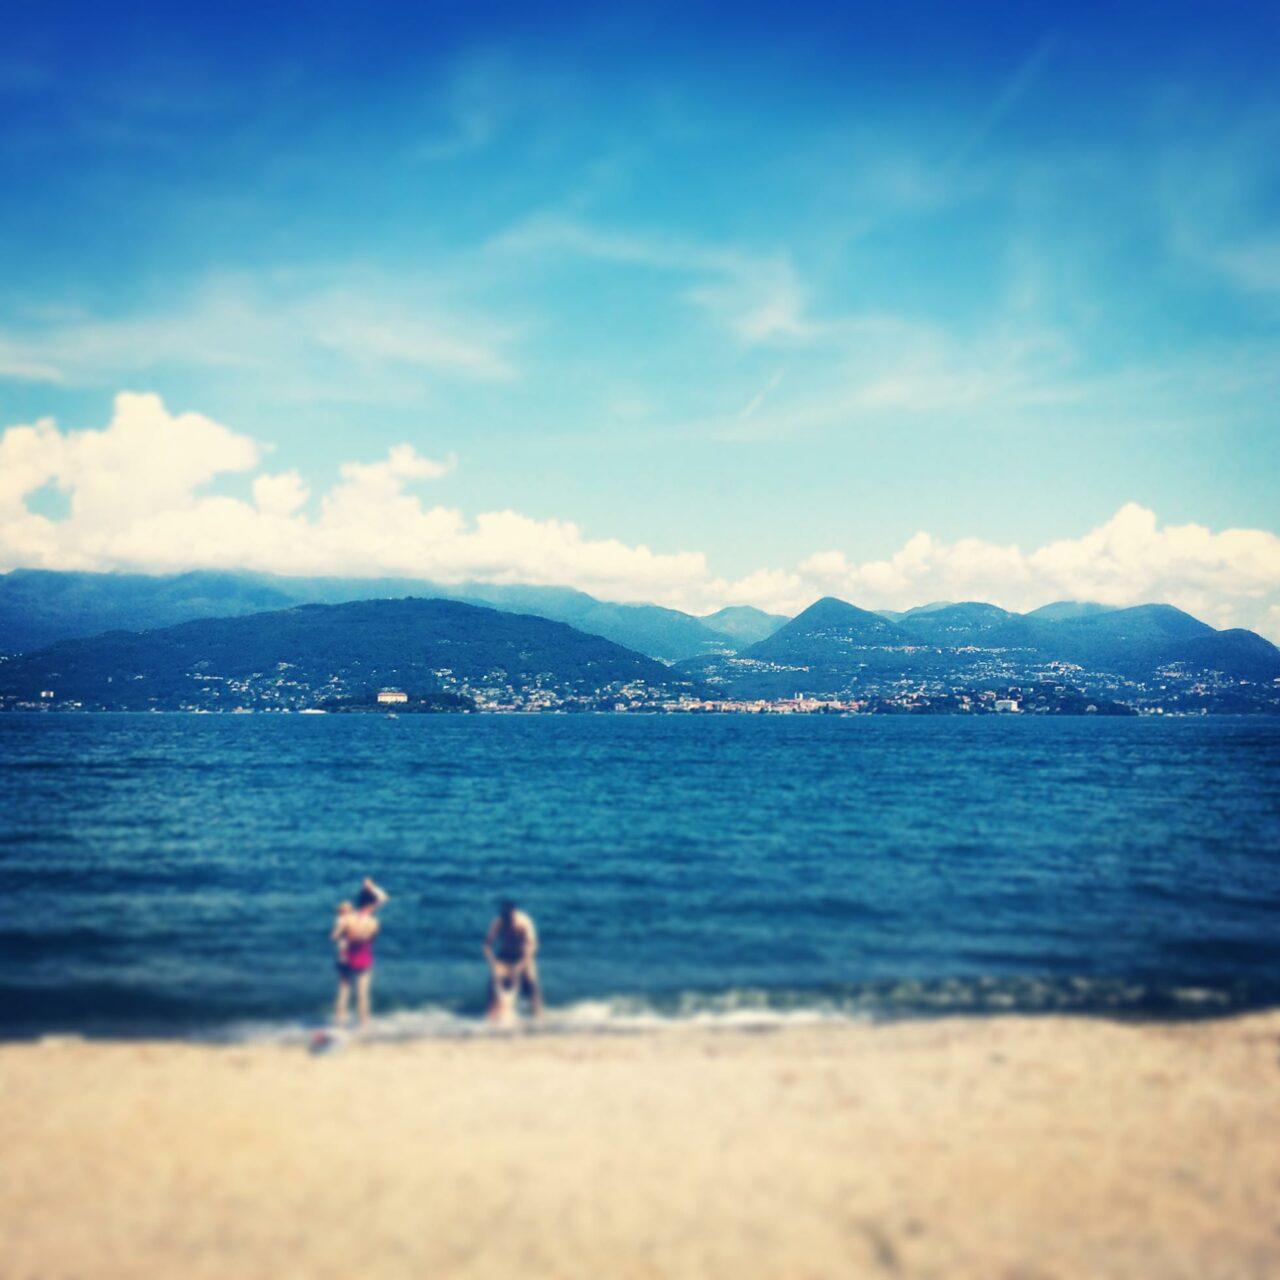 Aber auch so kann Baden im Lago Maggiore ausschauen. Leider erst am Abreisetag